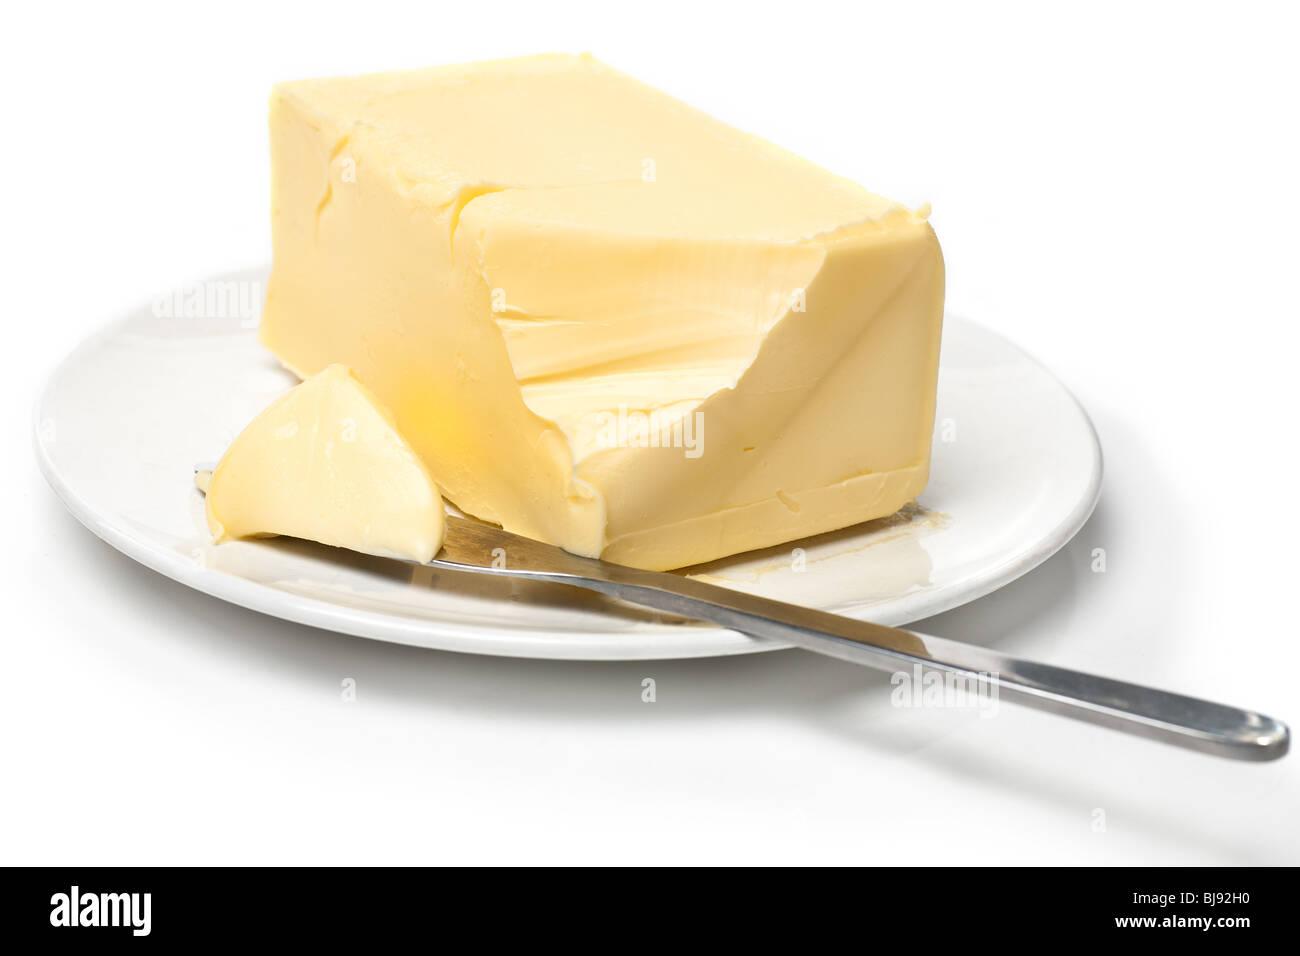 Trozo de mantequilla en la placa blanca con cuchillo. Fondo blanco y poca atención. Imagen De Stock